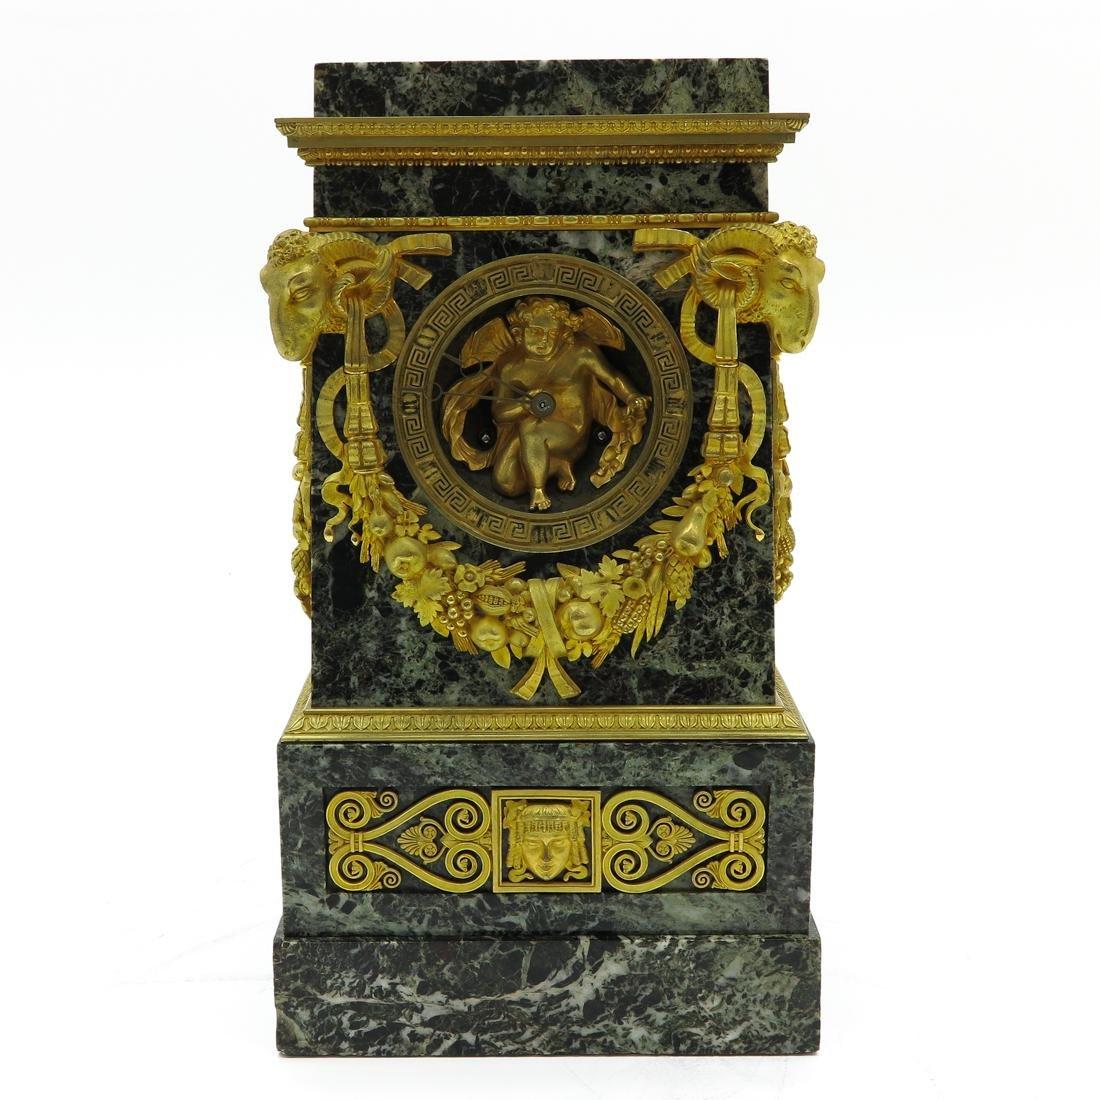 A Very Rare French Table Clock Circa 1800